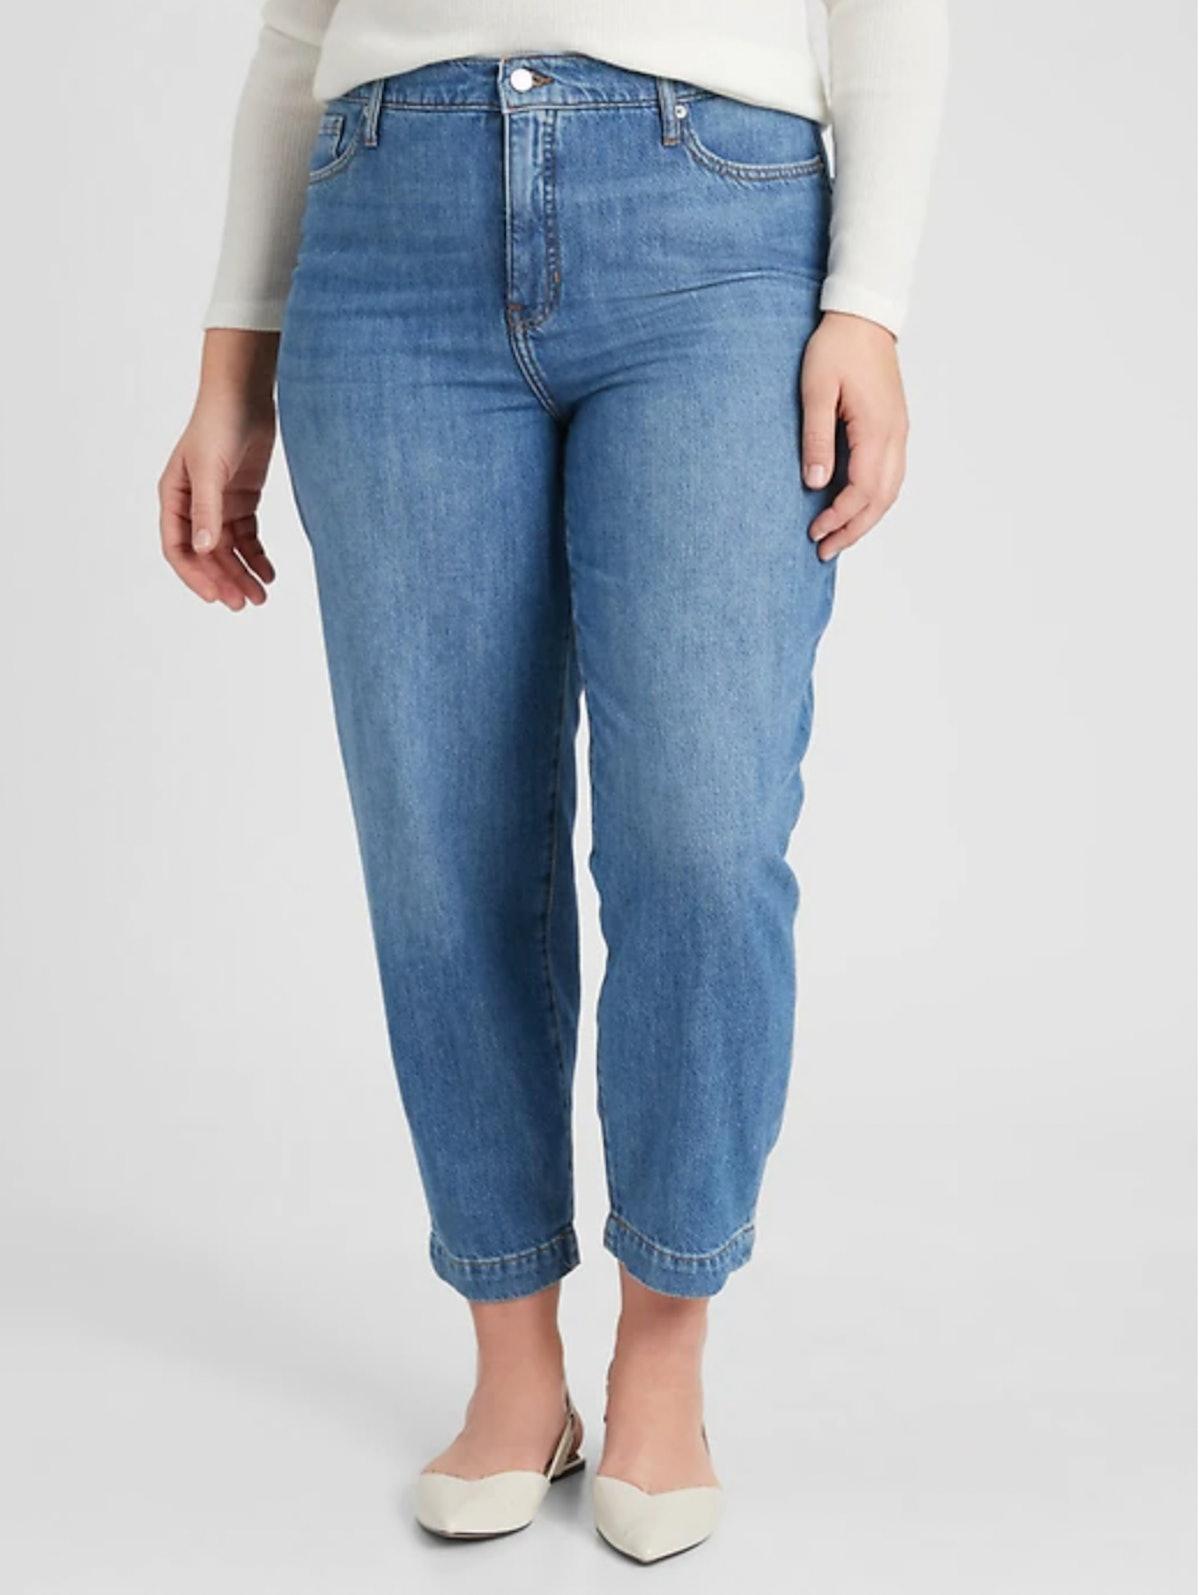 Medium Wash Barrel Jeans